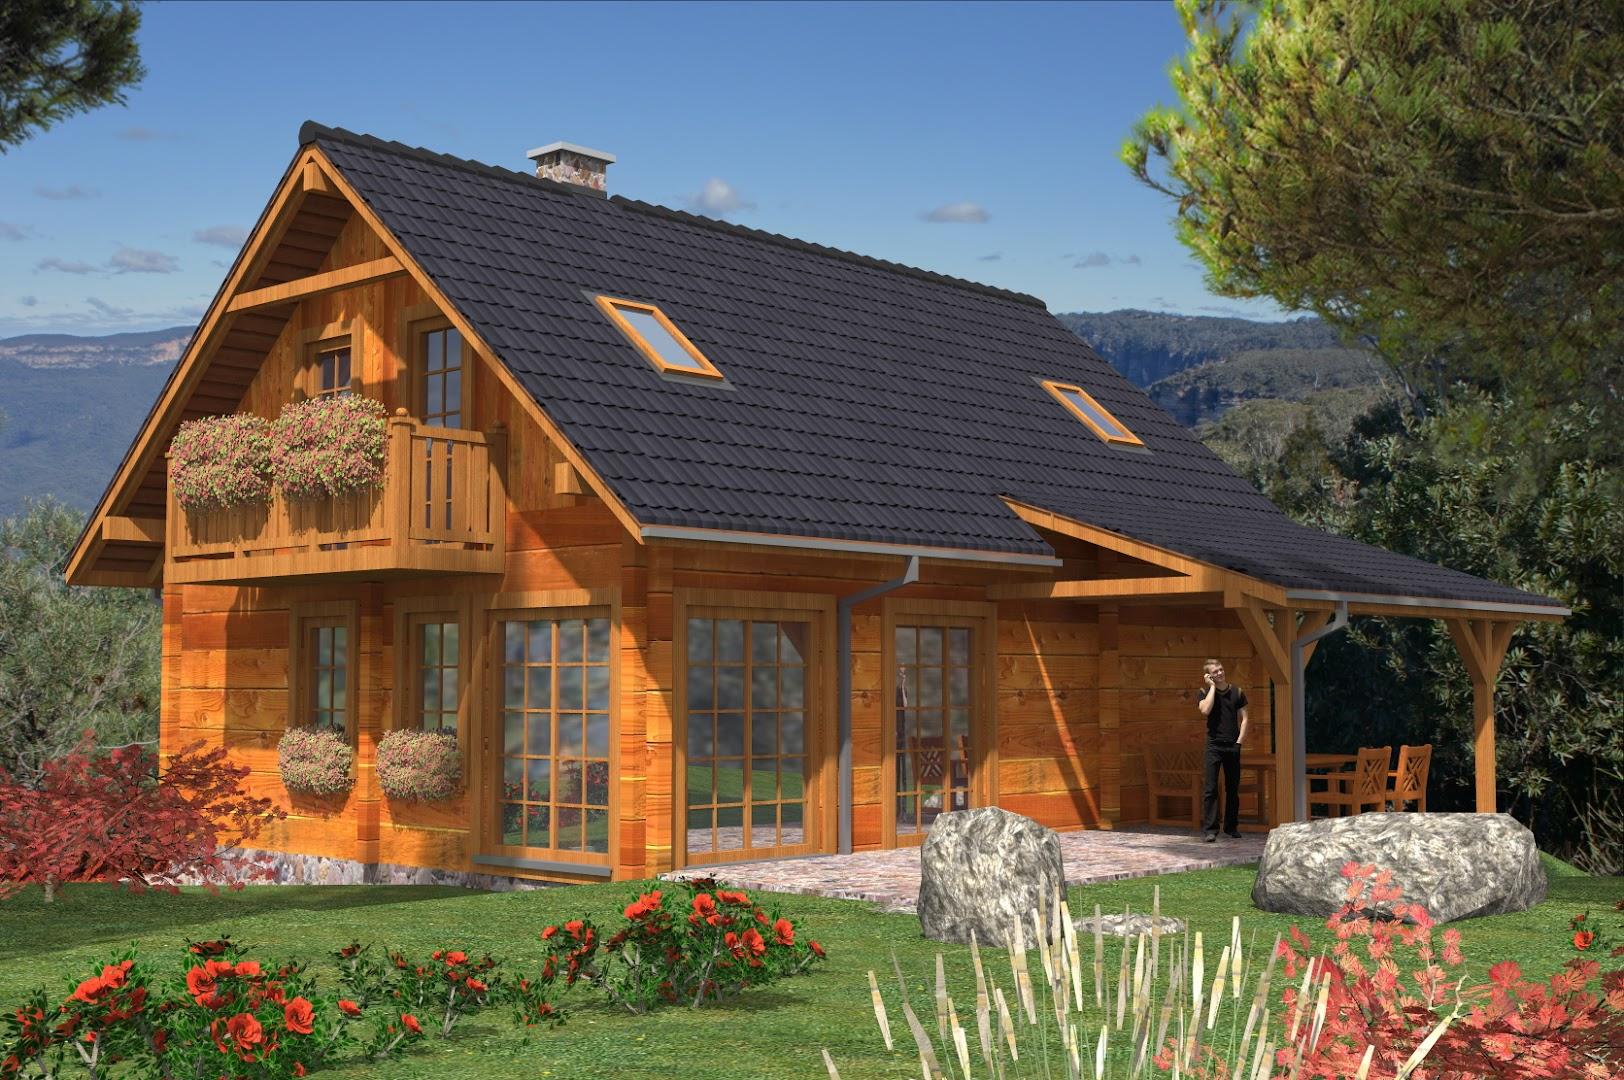 Projekt Domu L 99 Szkielet Drewniany Trc 278 1146m²